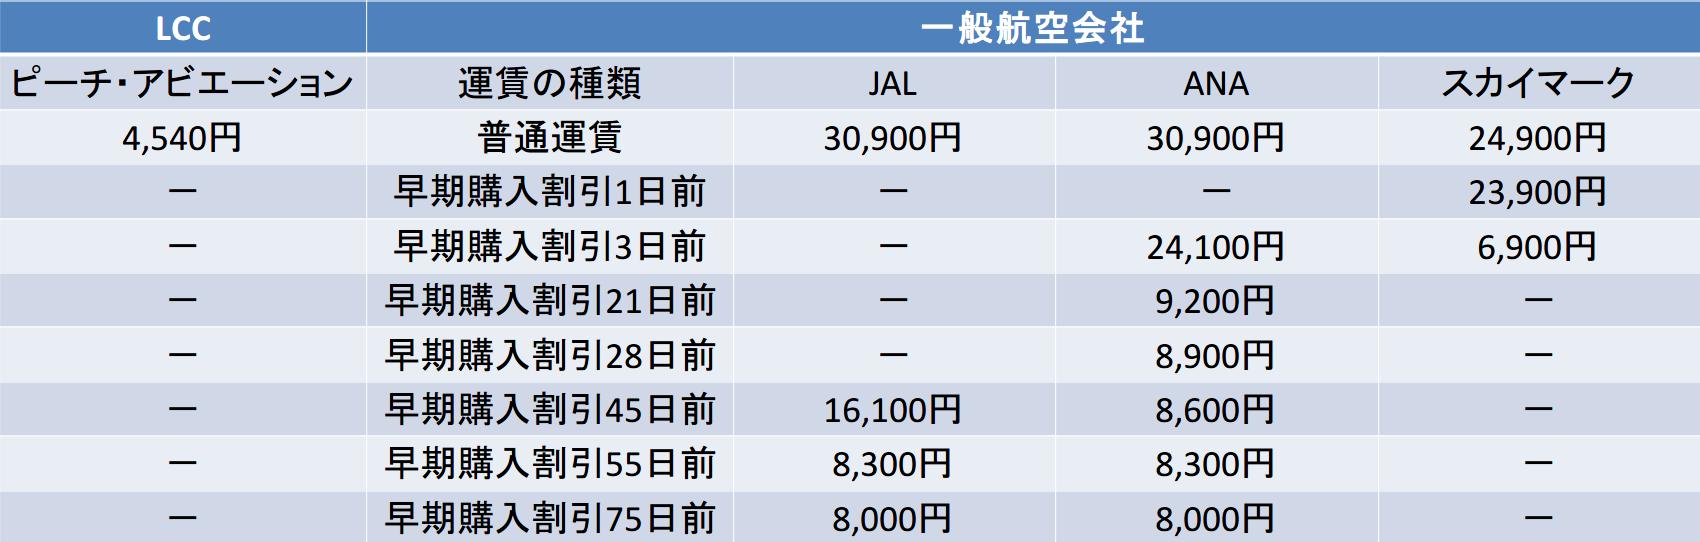 LCC-一般の料金比較